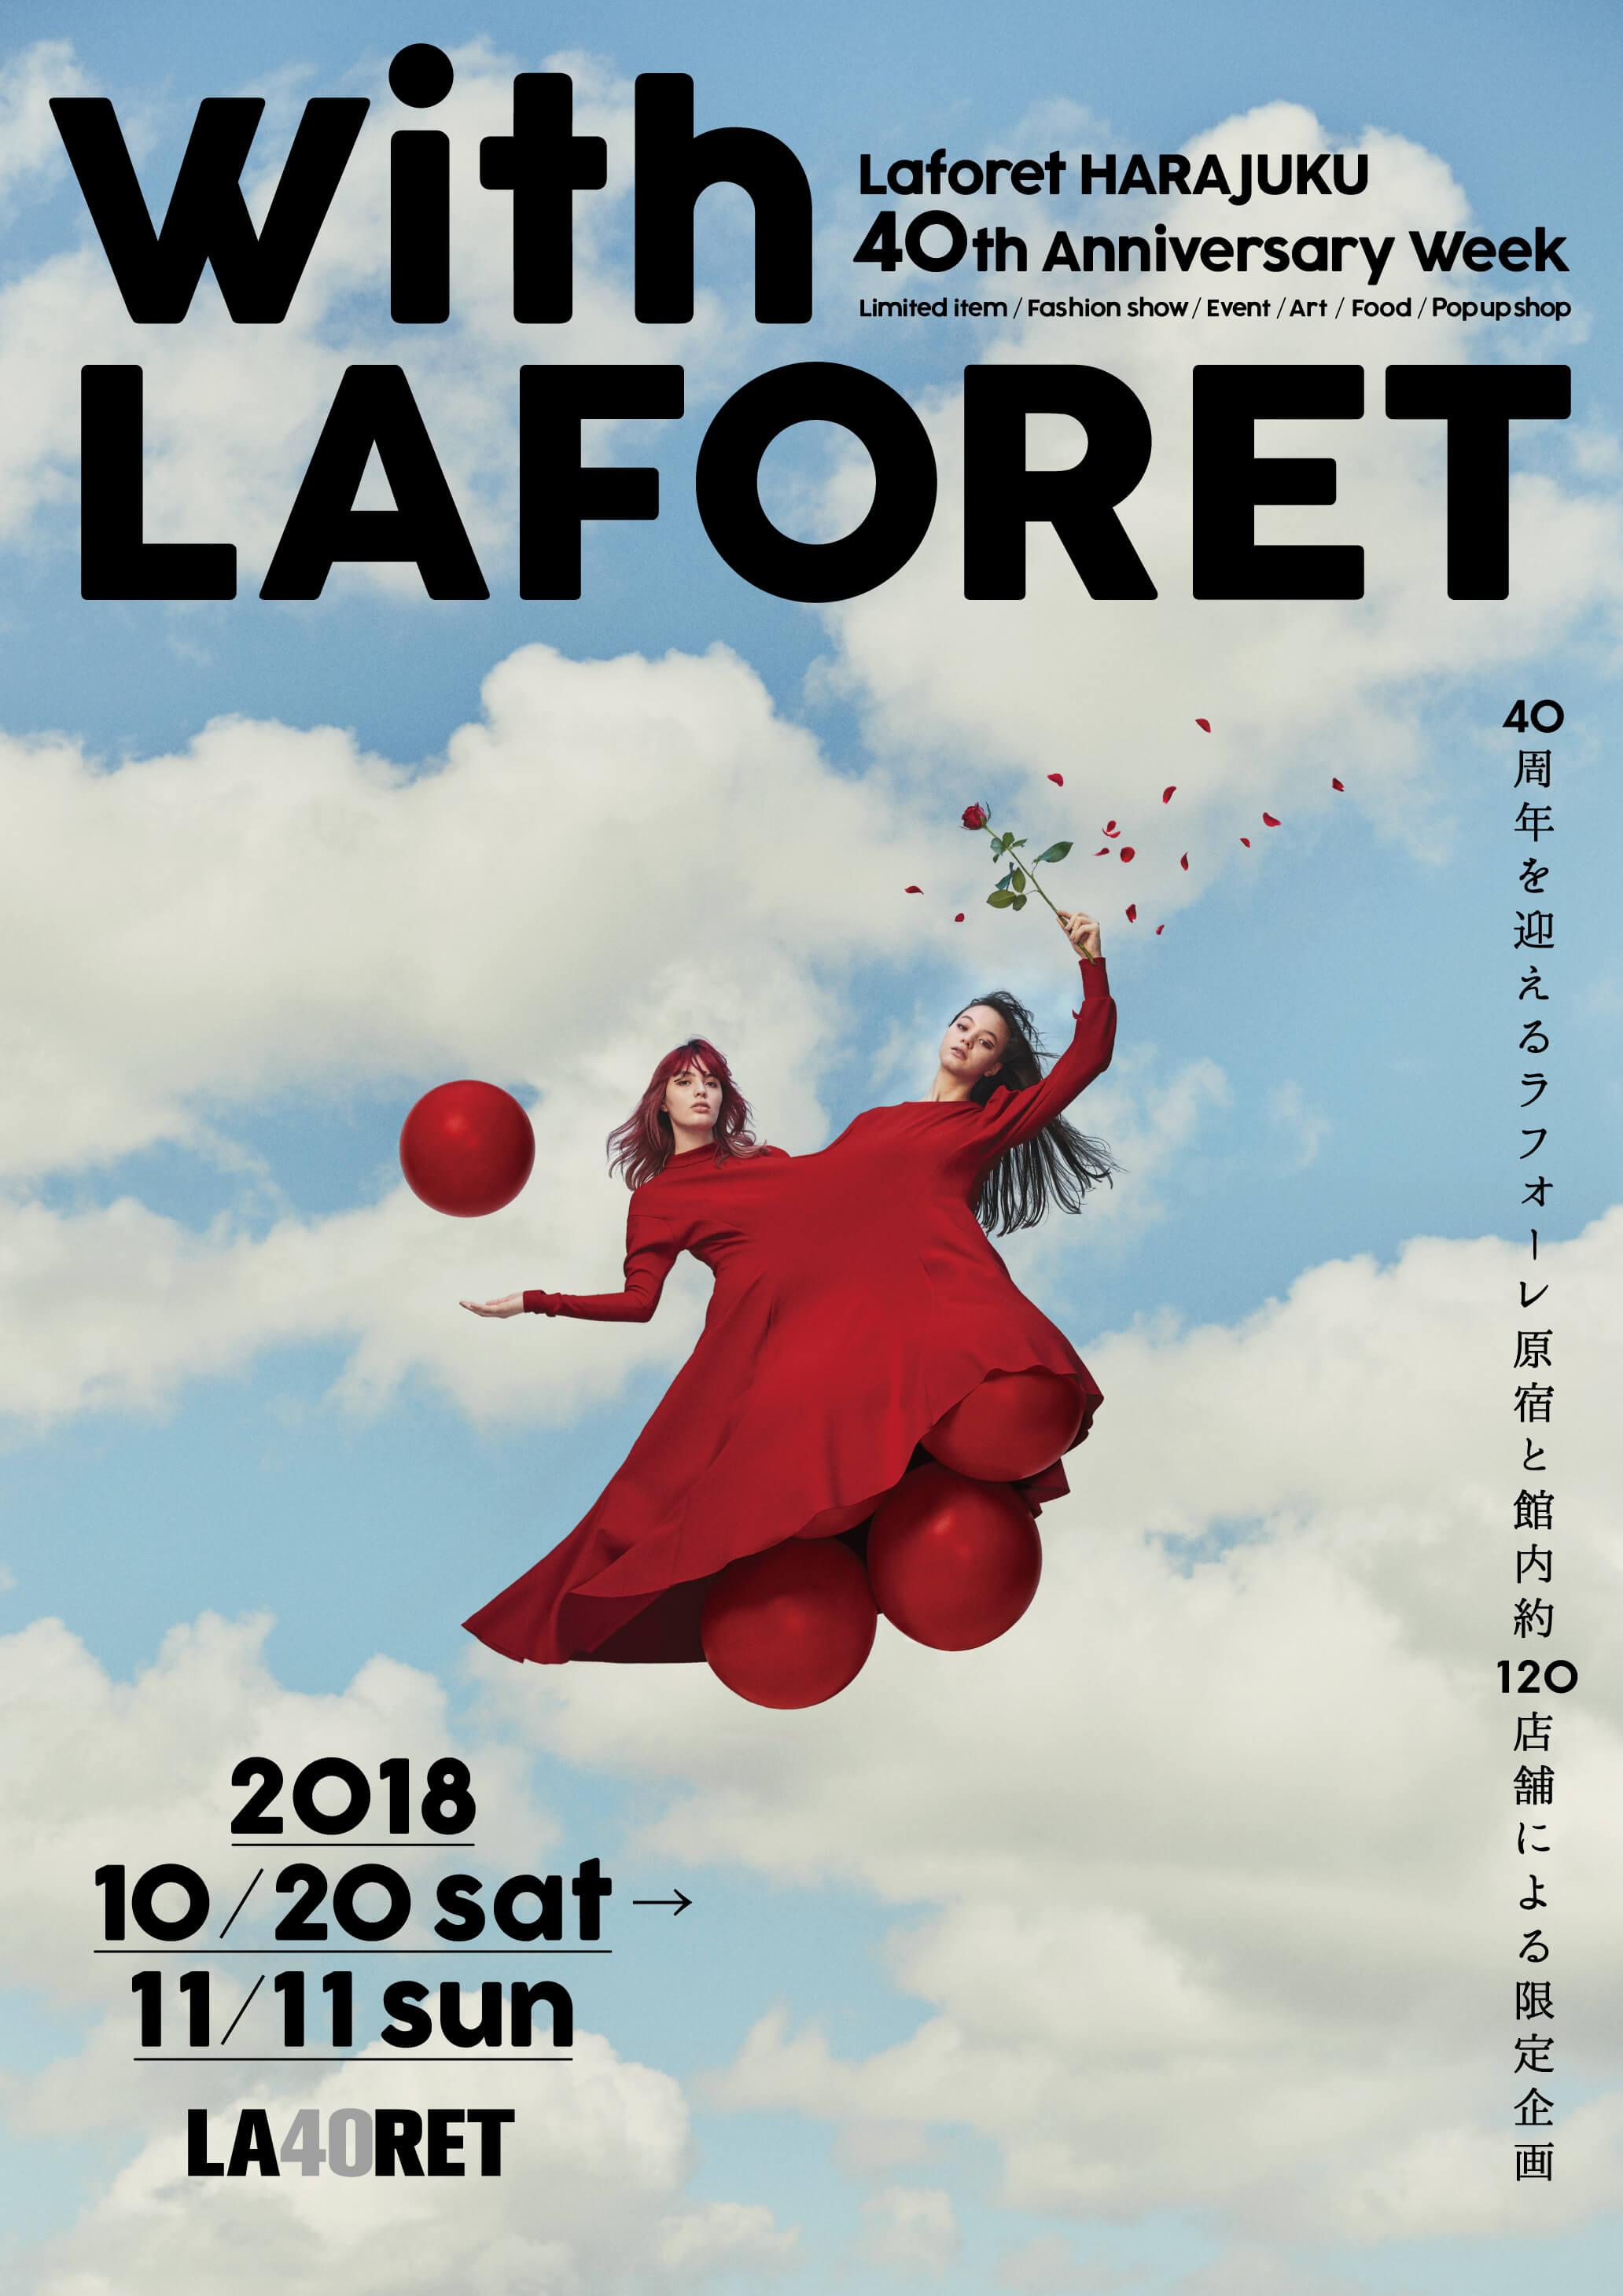 ラフォーレ原宿 Laforet Harajuku